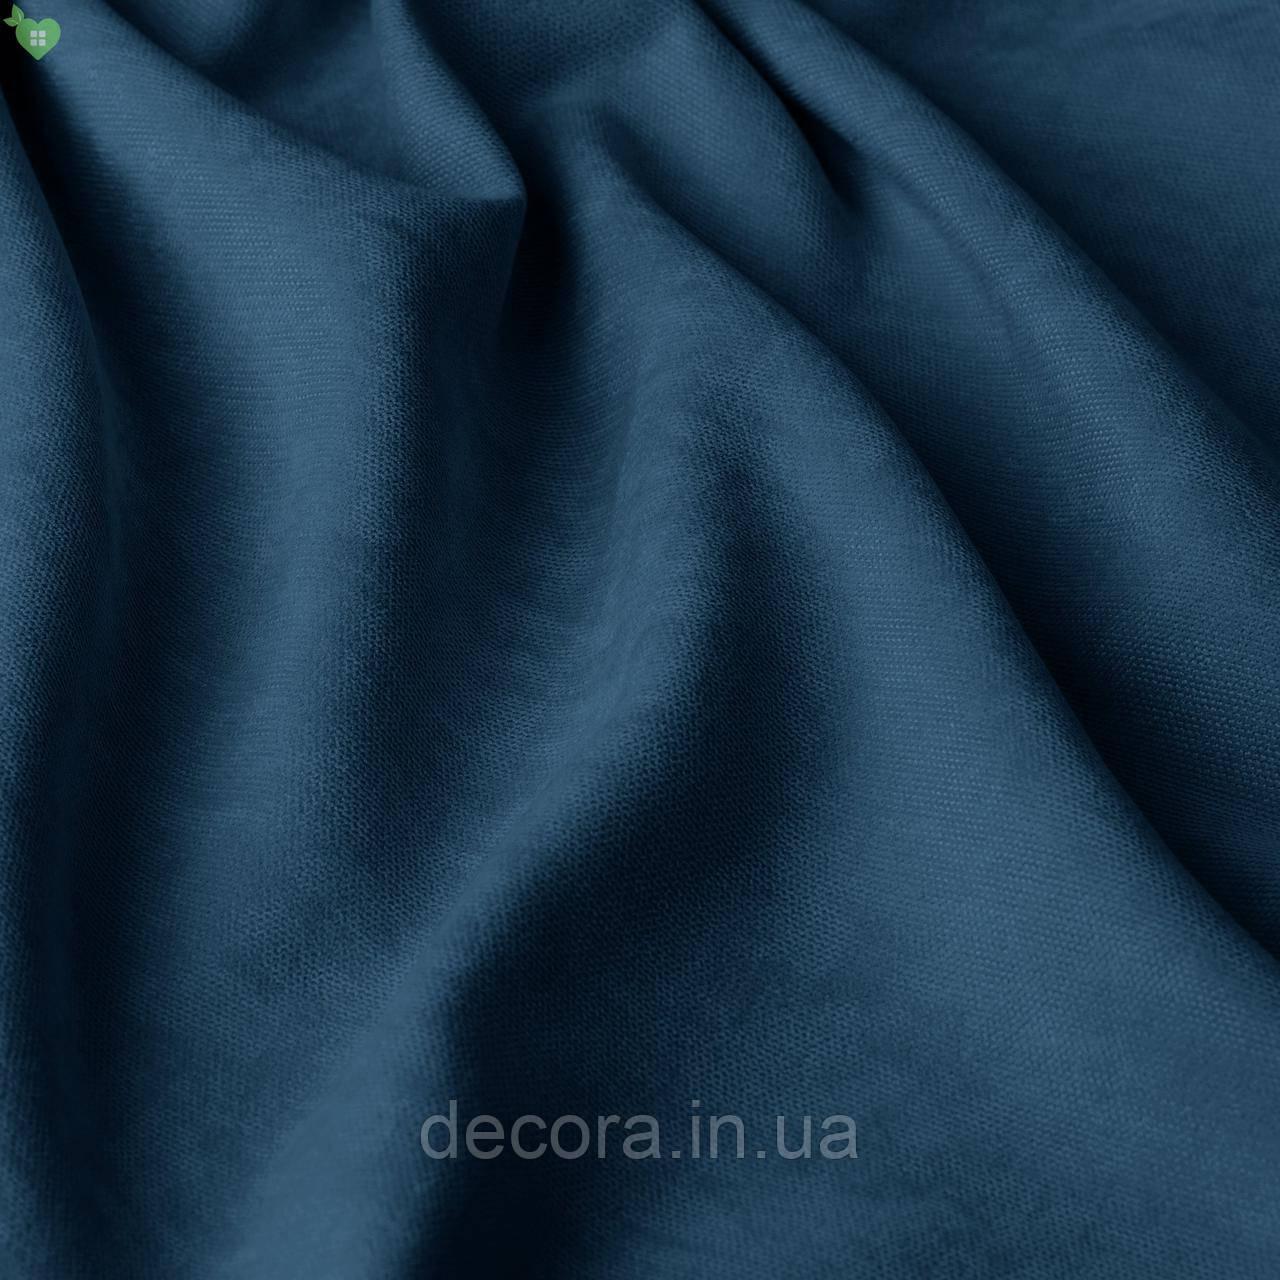 Однотонна декоративна тканина велюр білого кольору, Туреччина 121000v17